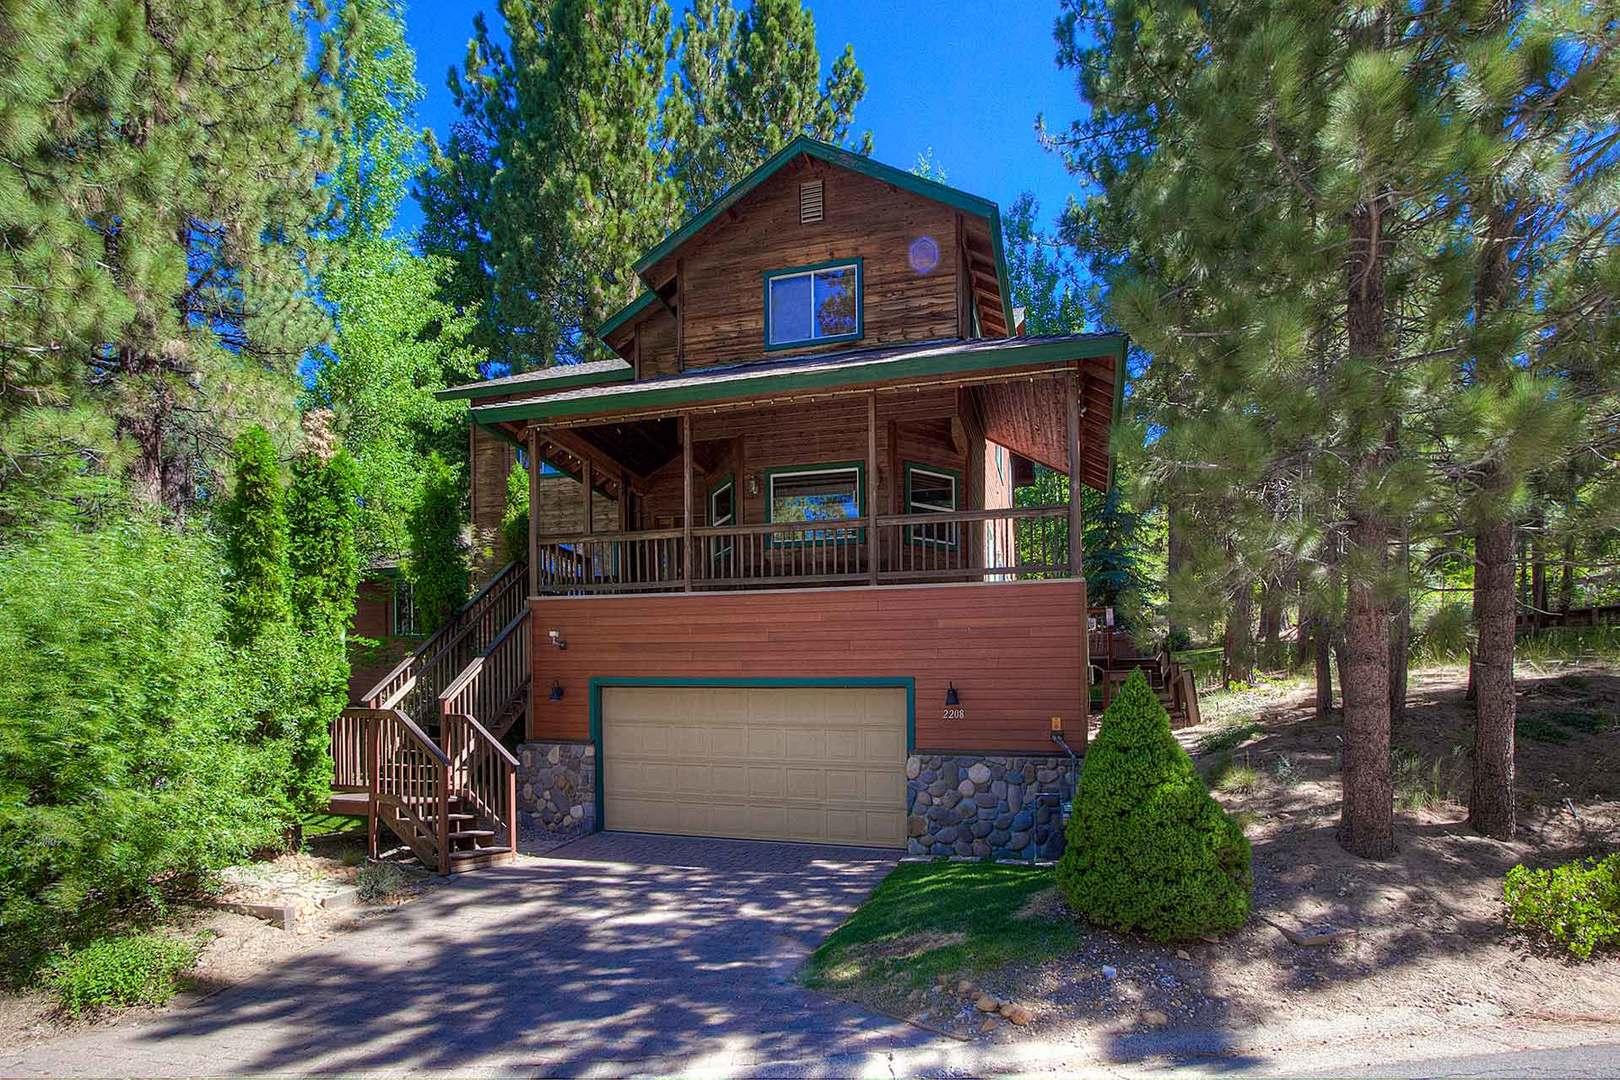 hch0808 tahoe rental cabin